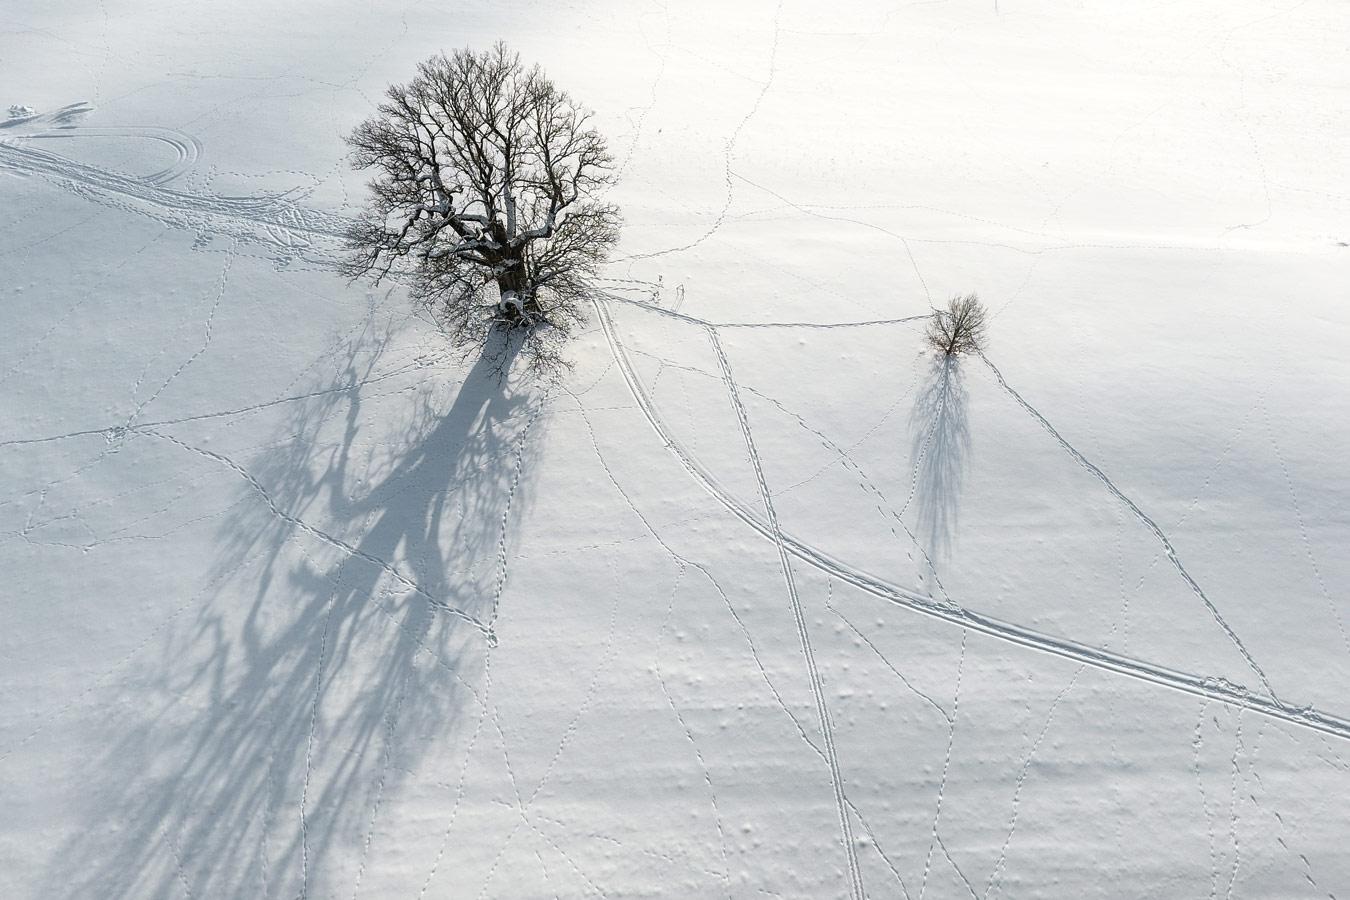 Следую за тобой тенью, © Янек Йоаб, Фотоконкурс «Священные природные места»